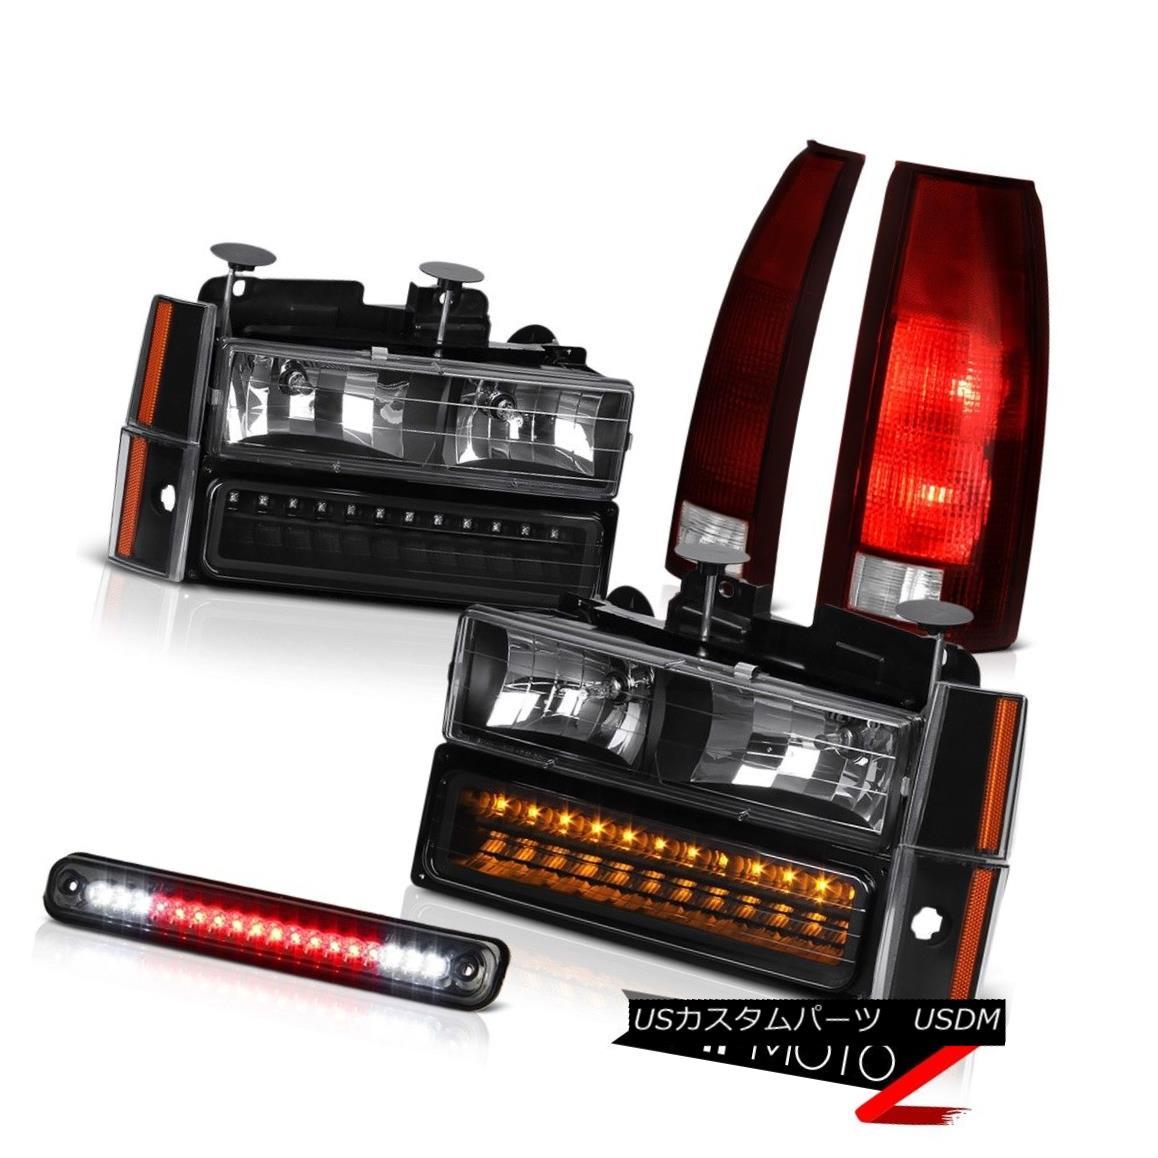 テールライト 88-93 Chevy K2500 3RD Brake Light Red Smoke Tail Lights Headlamps Bumper Corner 88-93 Chevy K2500 3RDブレーキライトレッド煙テールライトヘッドランプバンパーコーナー